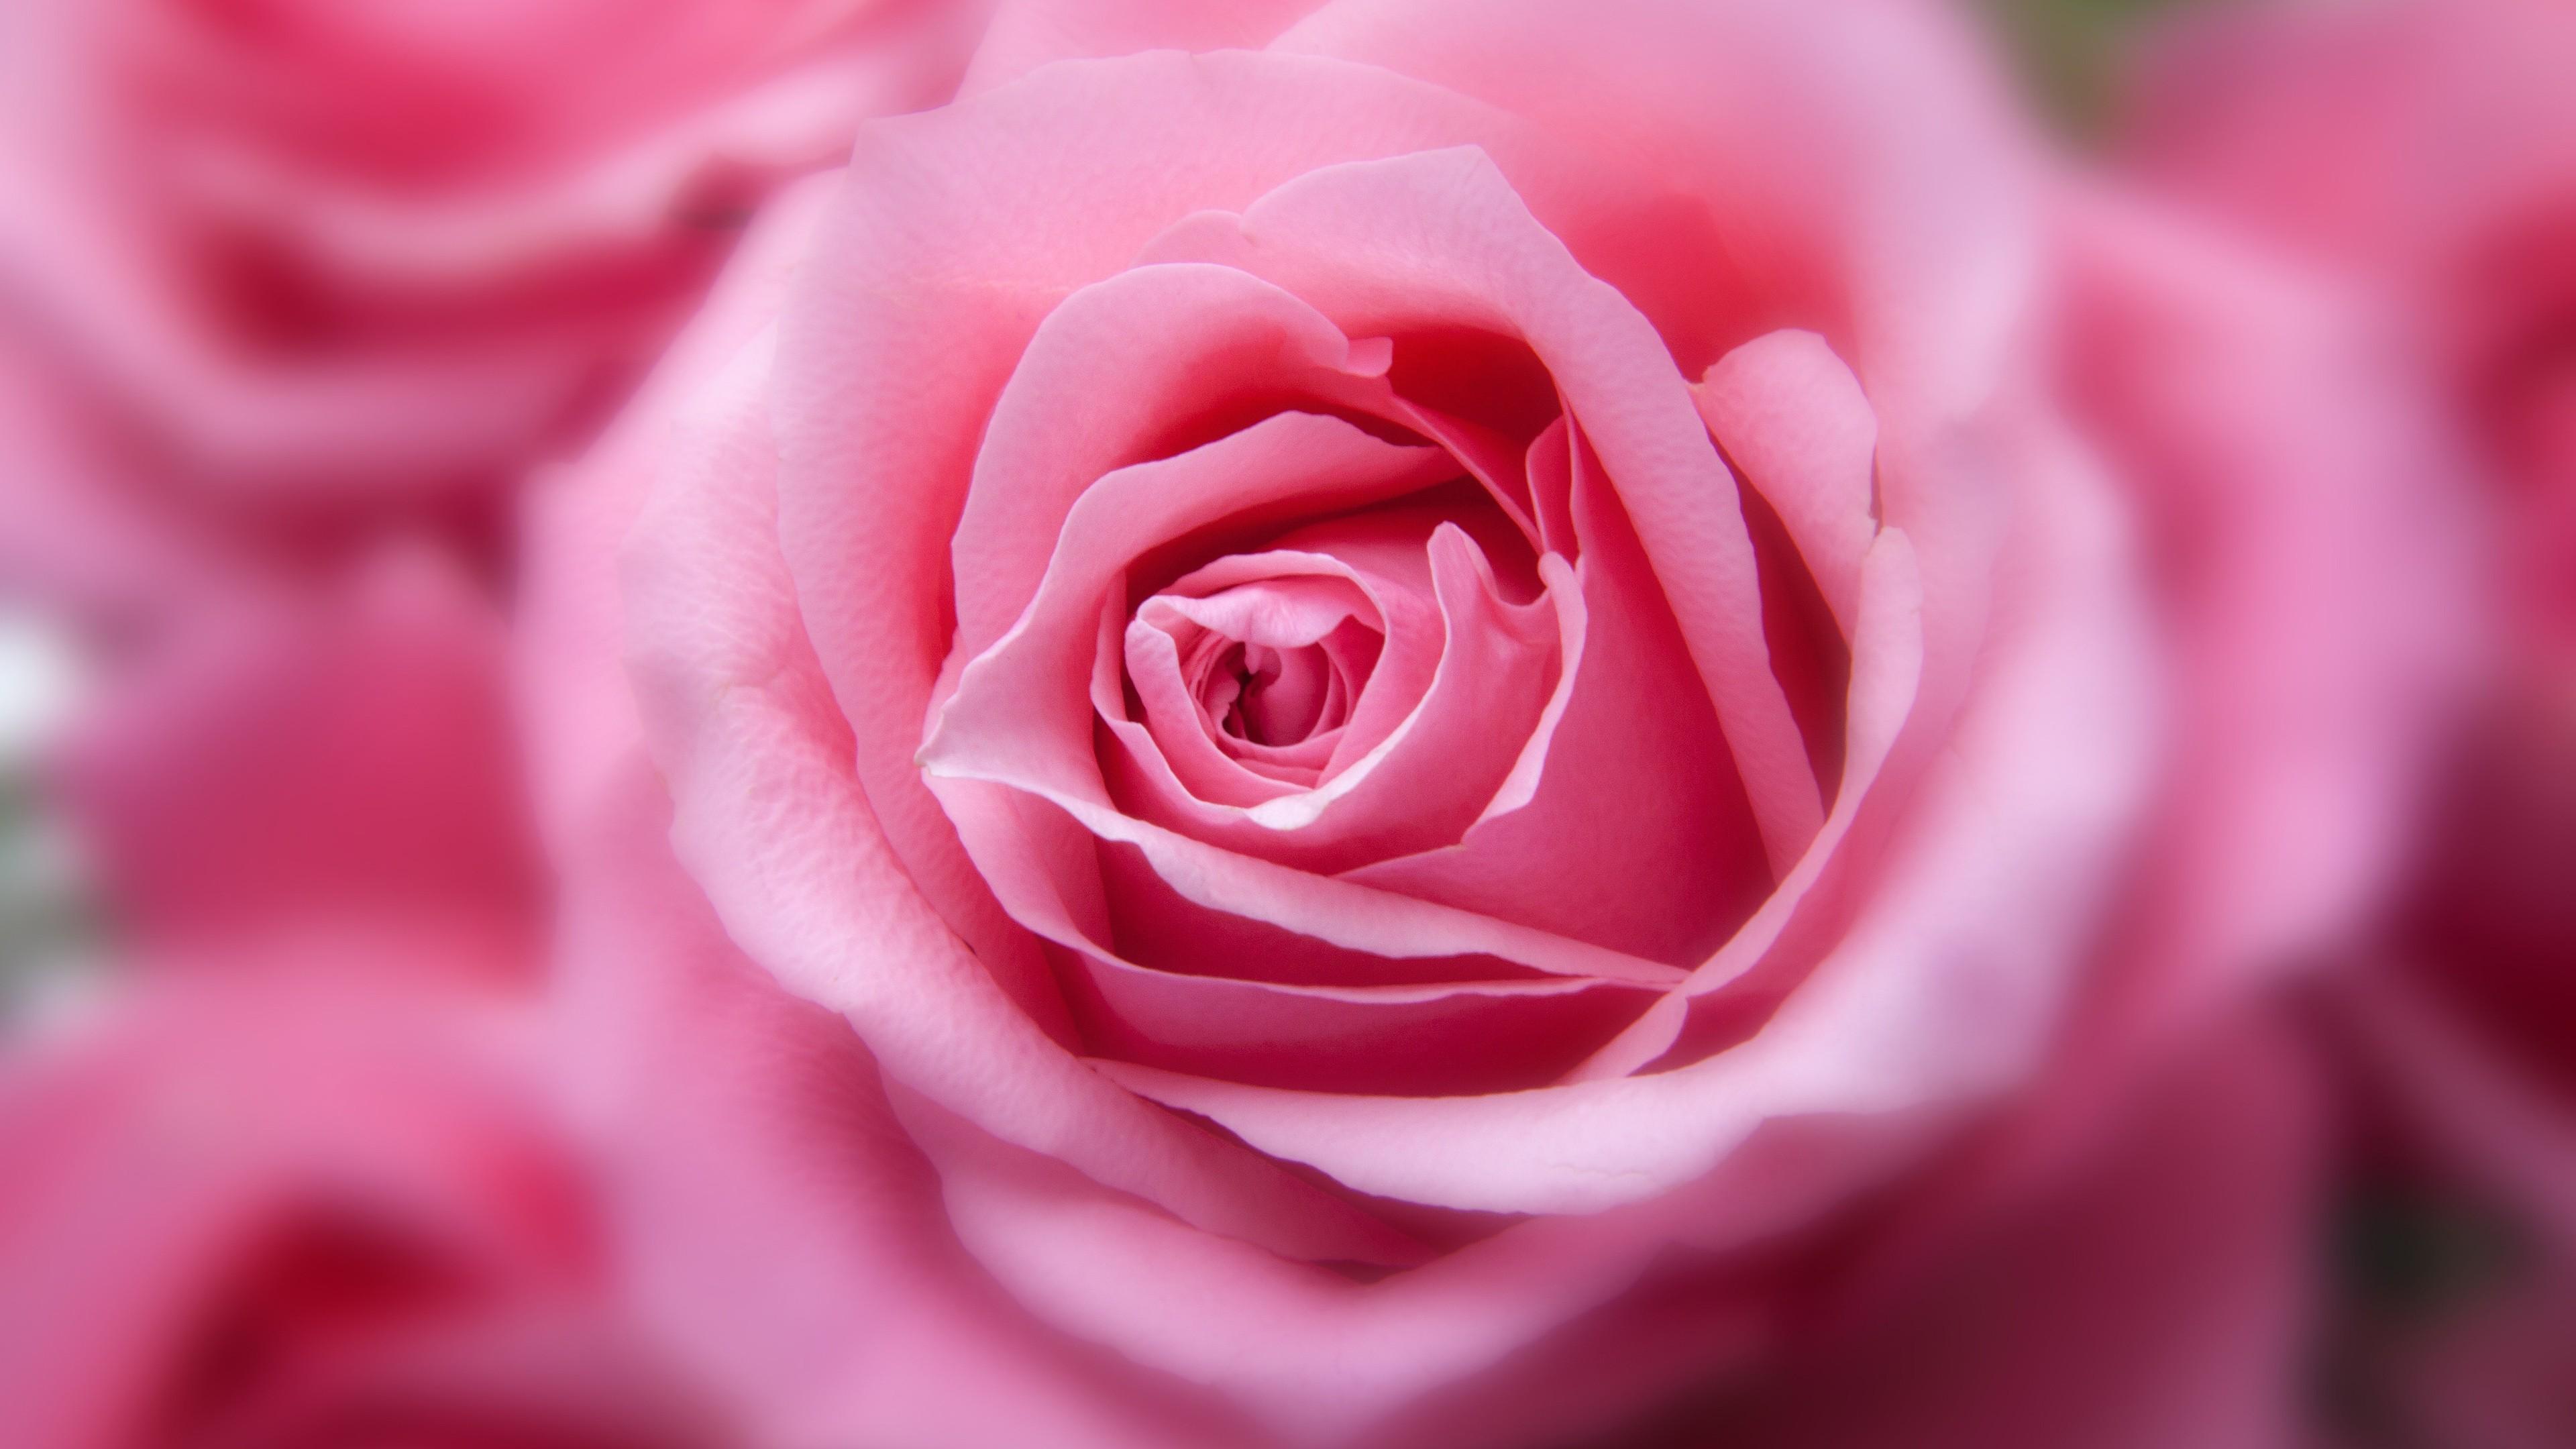 Картинки цветов розовых